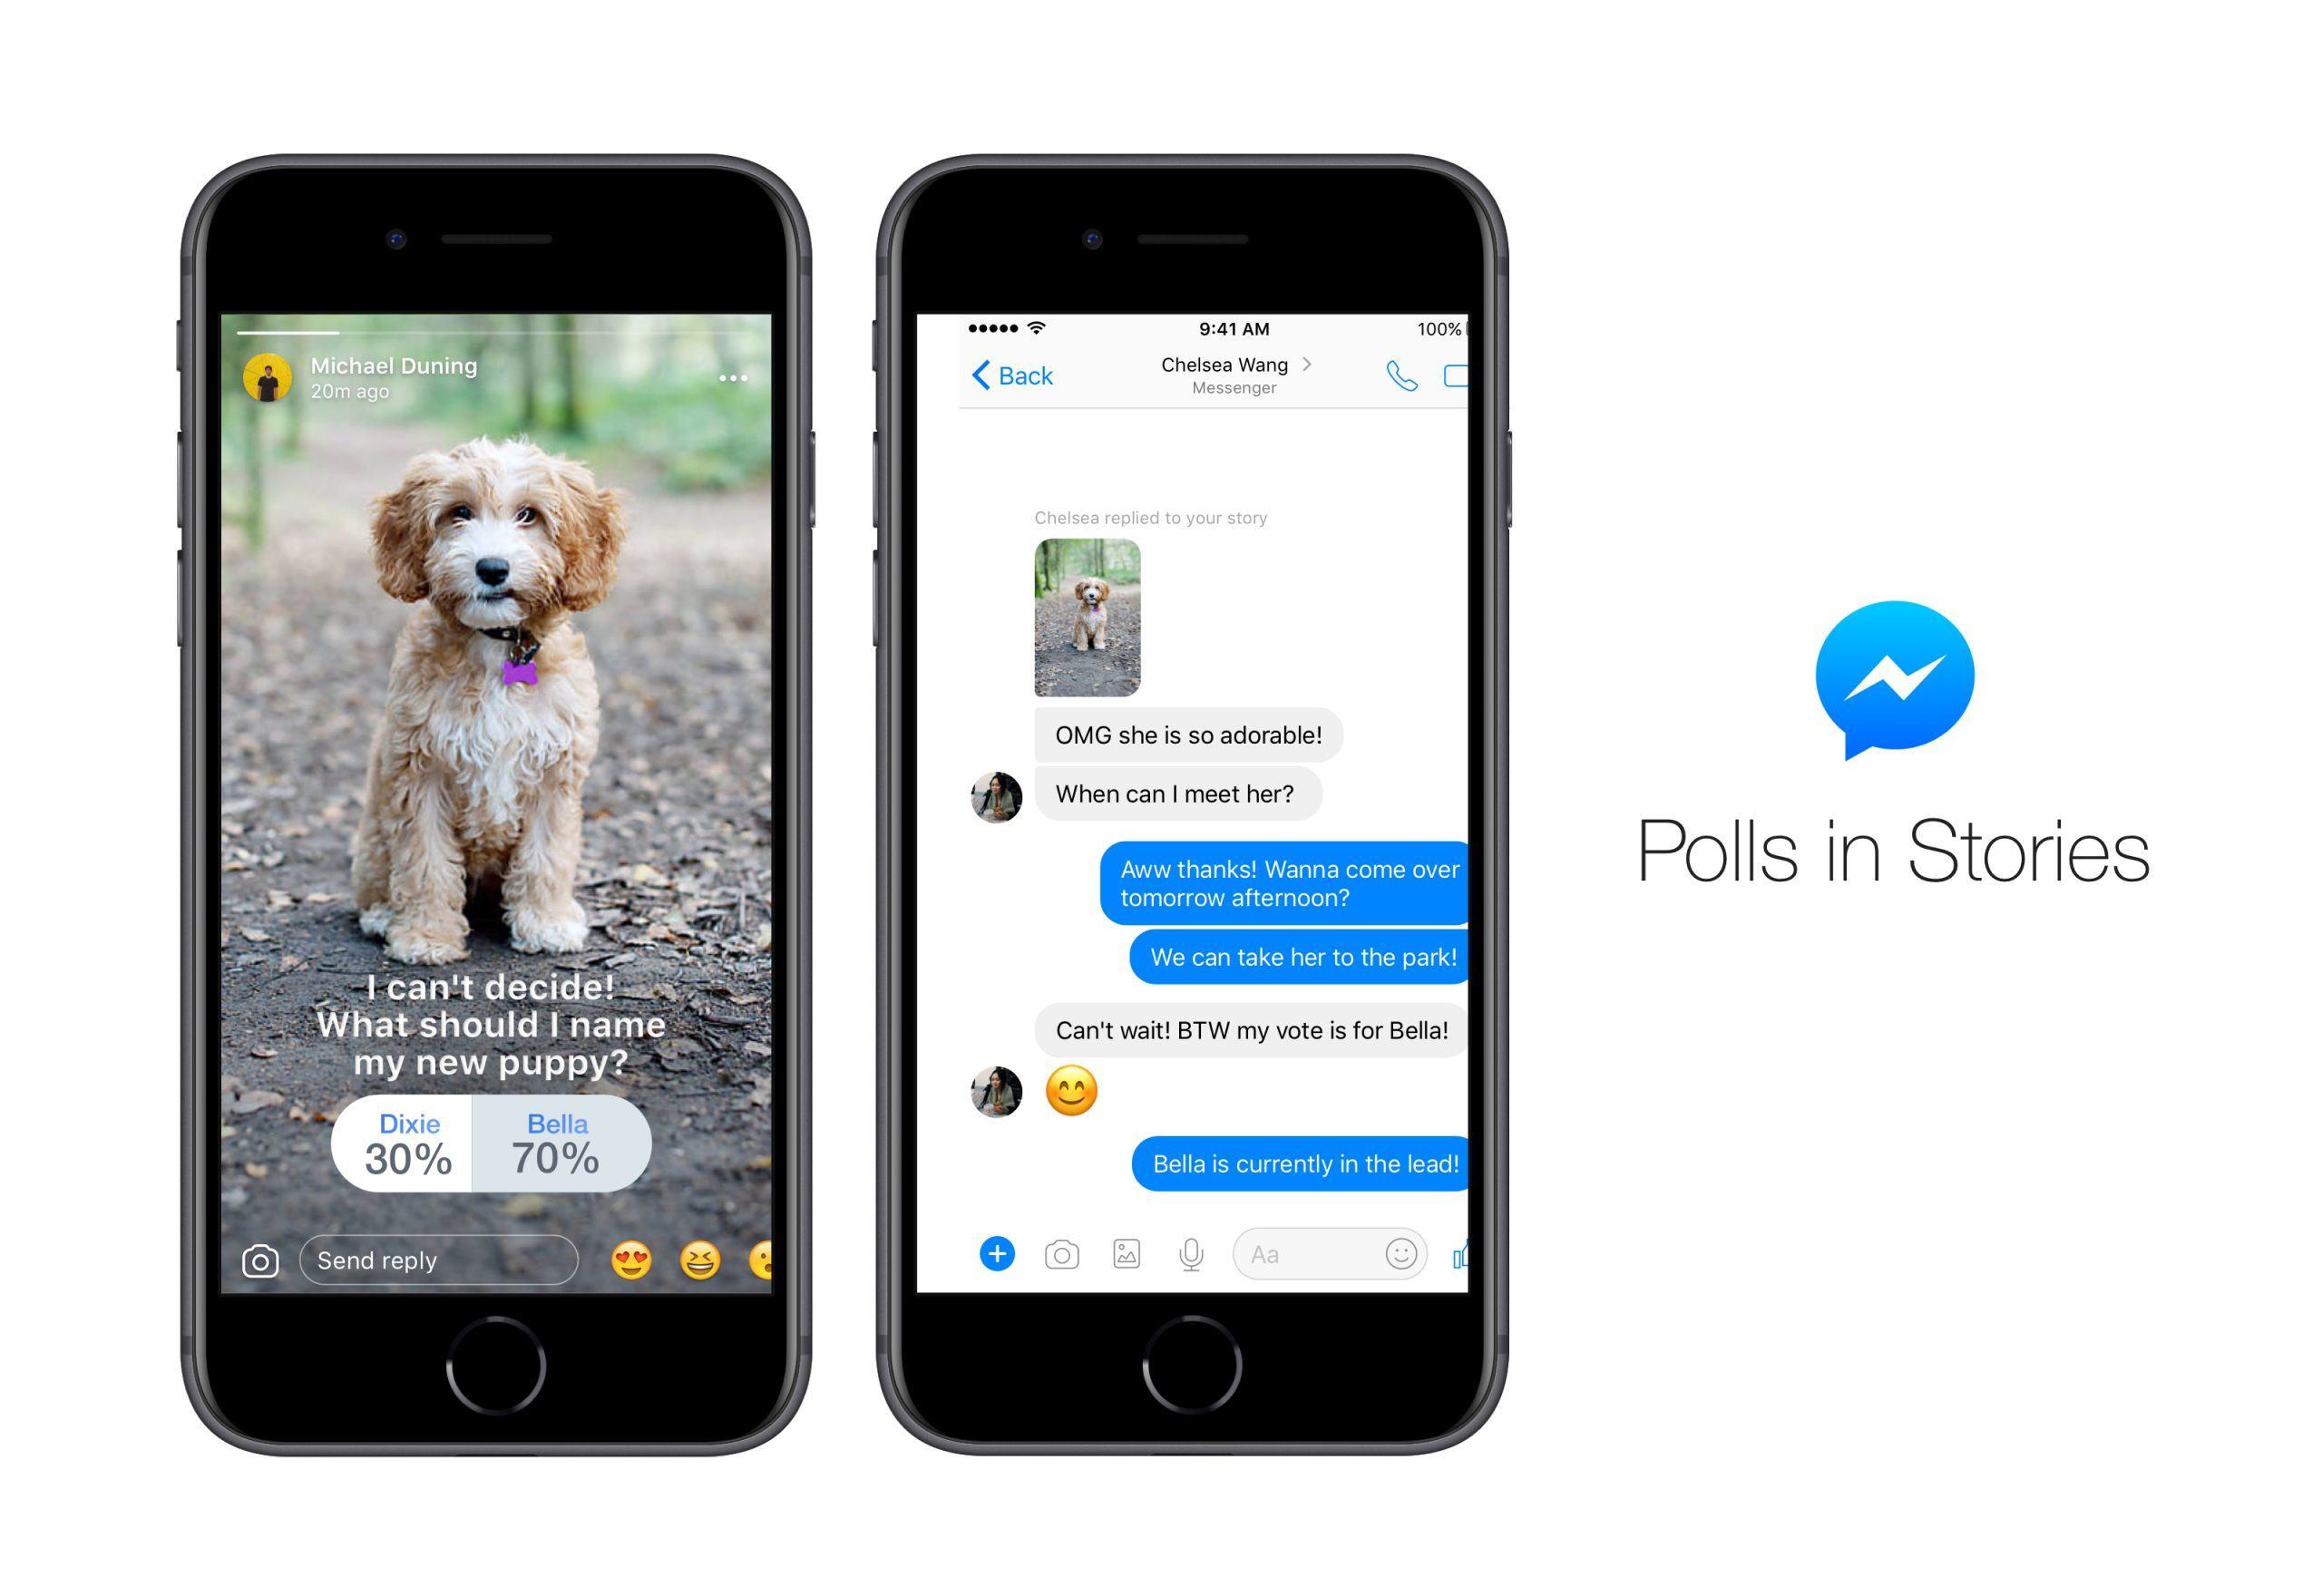 cách tăng tương tác trên facebook - Sử dụng tính năng Stories trên Facebook